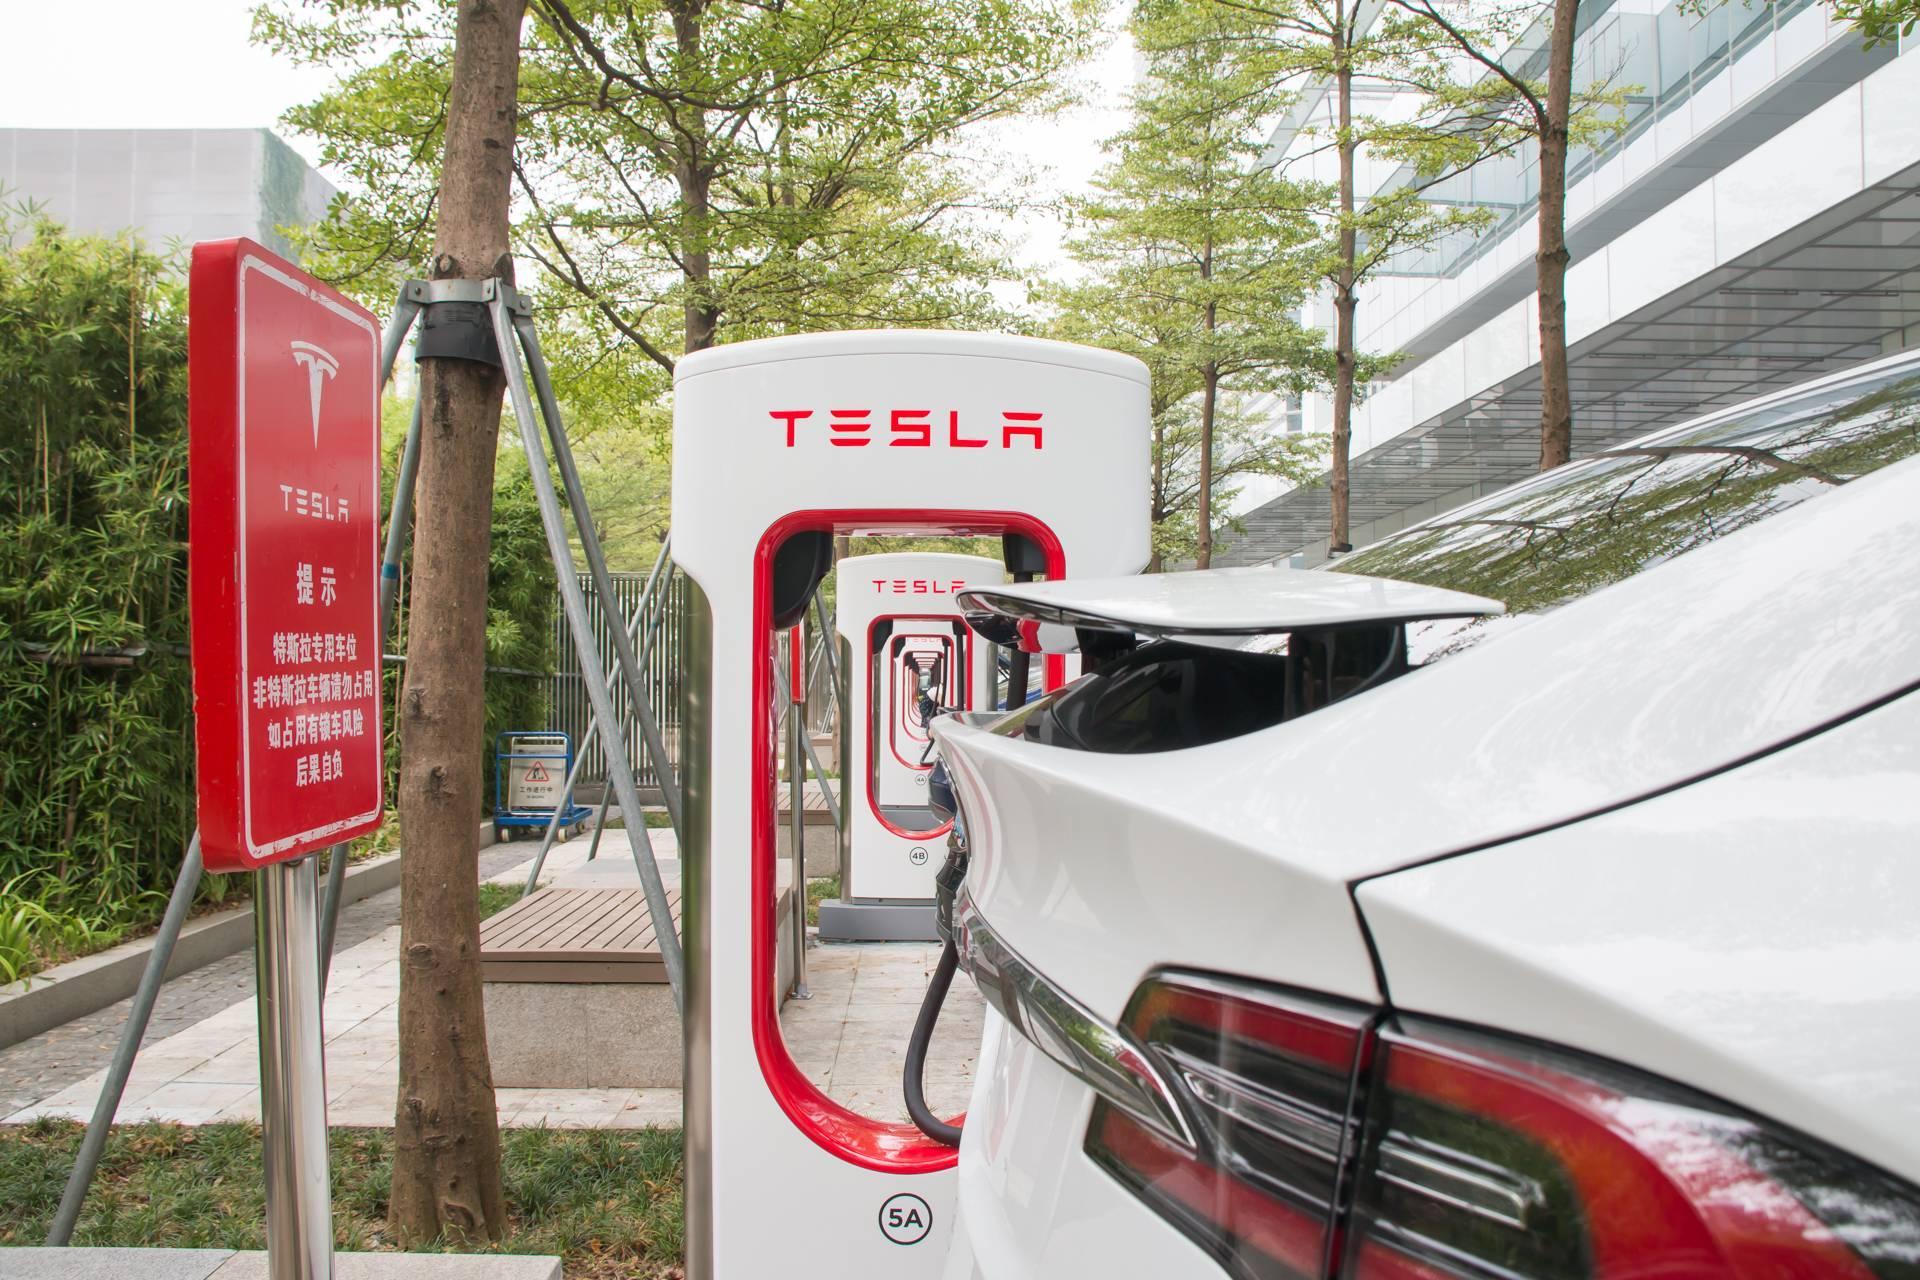 马斯克:特斯拉将向其他电动汽车开放充电网络